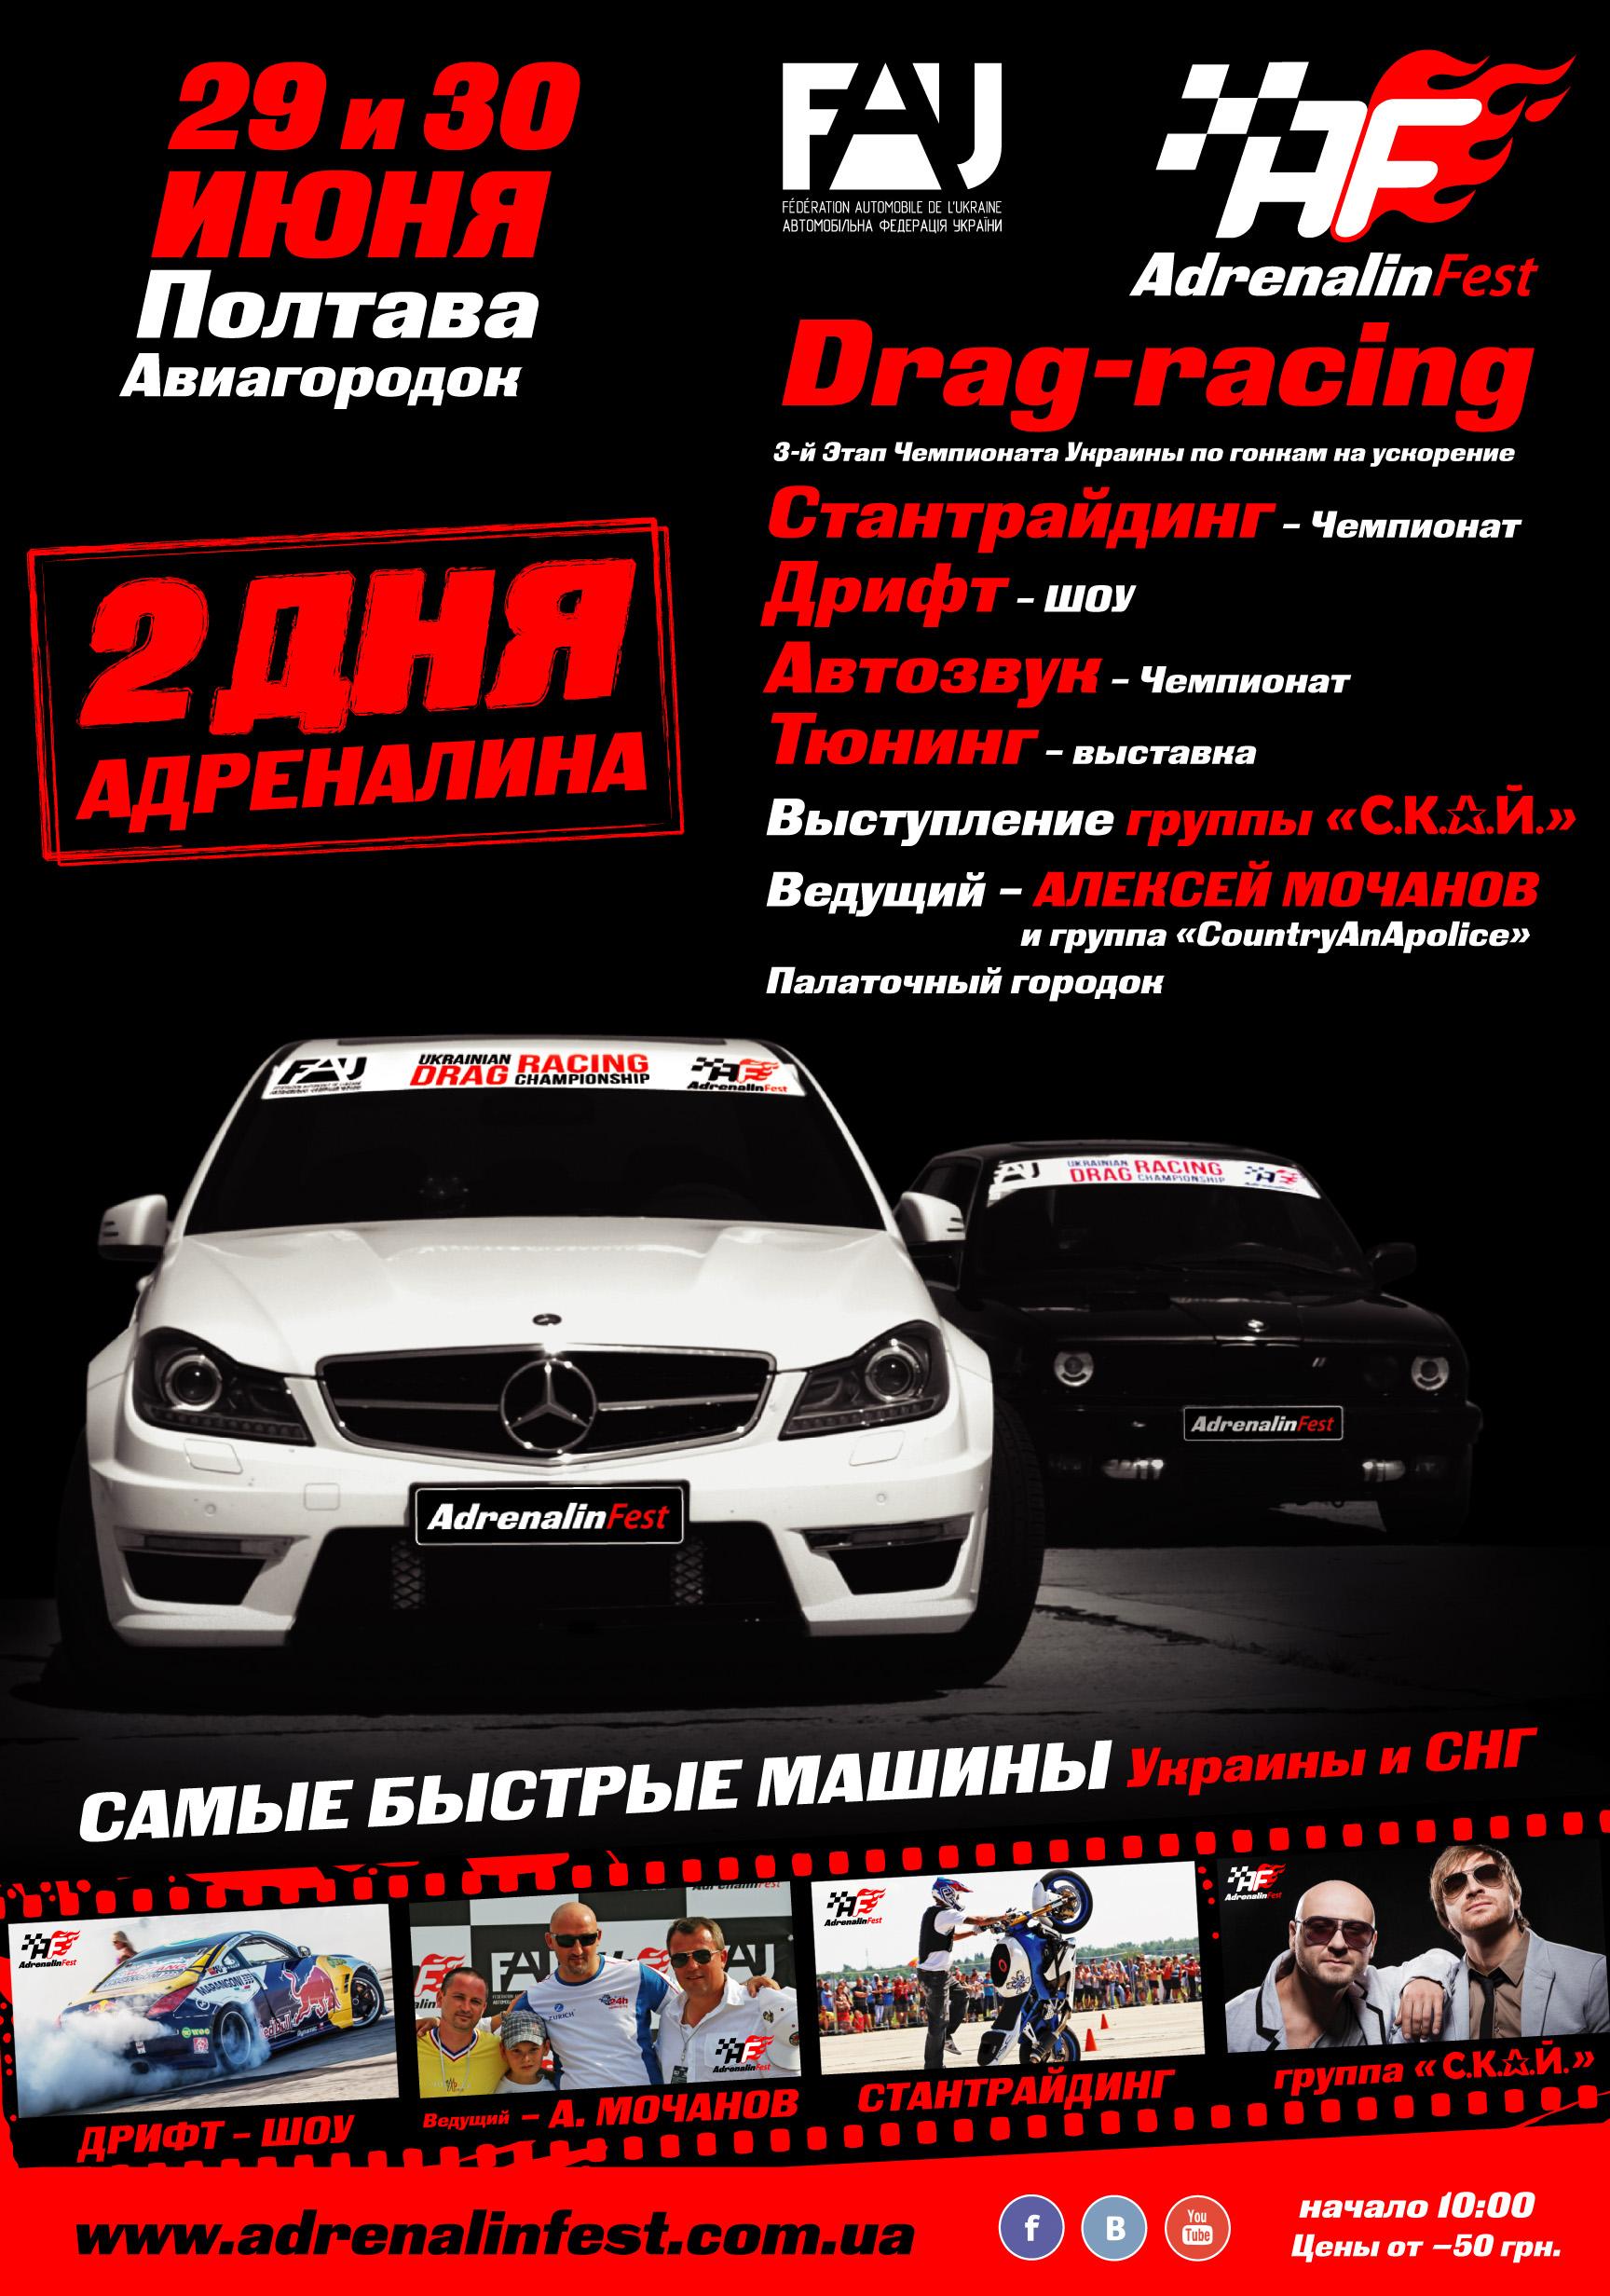 http://adrenalinfest.com.ua/wp-content/uploads/2013/04/AdrenalineFest_A3_Poltava_New.jpg